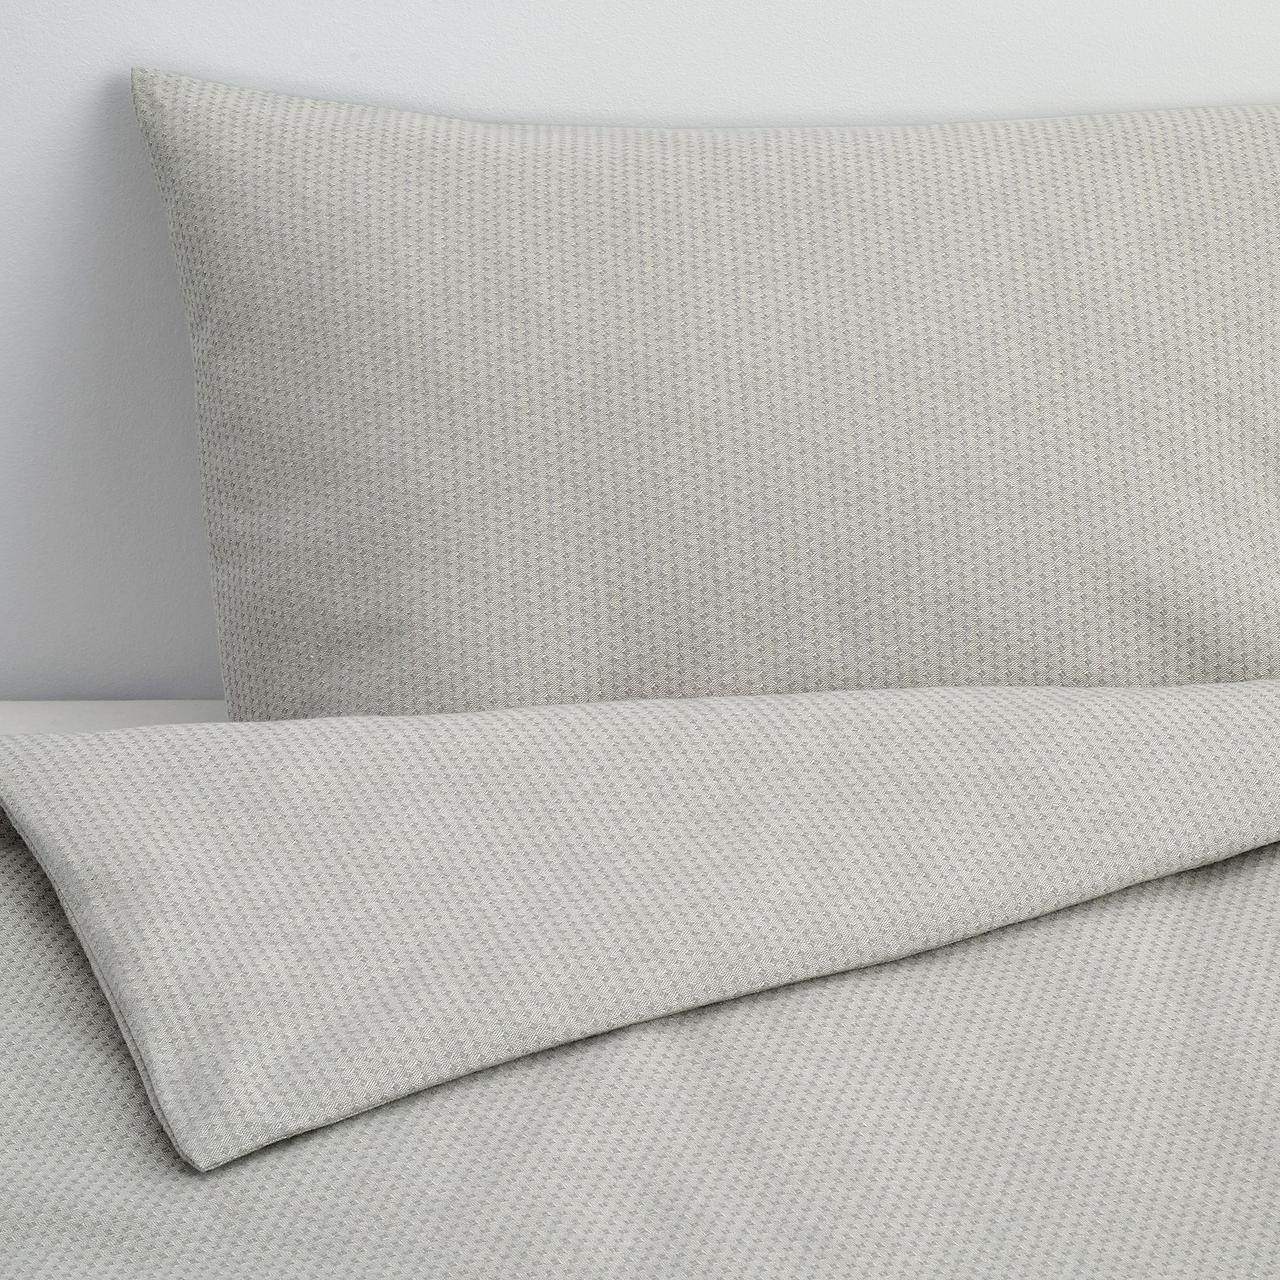 Комплект постельного белья IKEA ÄNGSLILJA 200x200/50x60 см серый 404.484.18